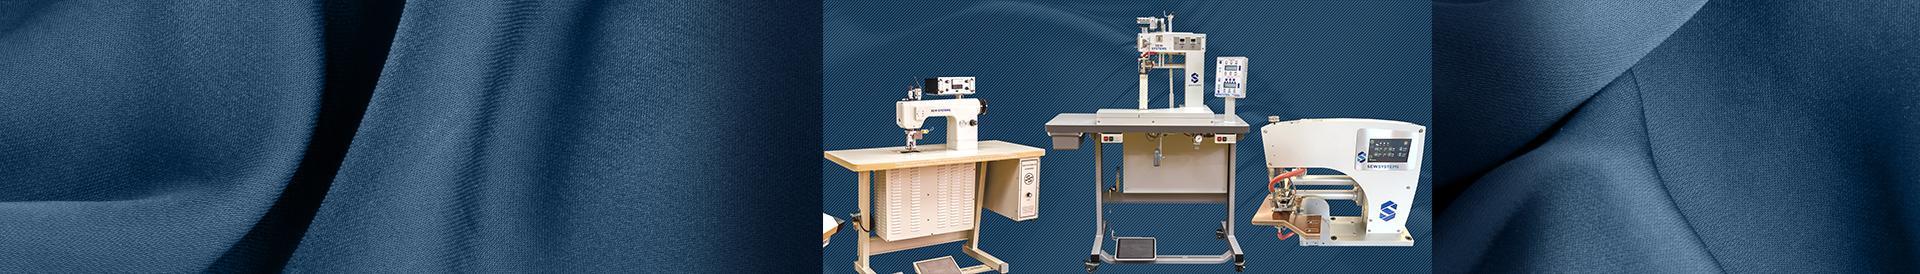 Maszyna do klejenia na niebieskim tle